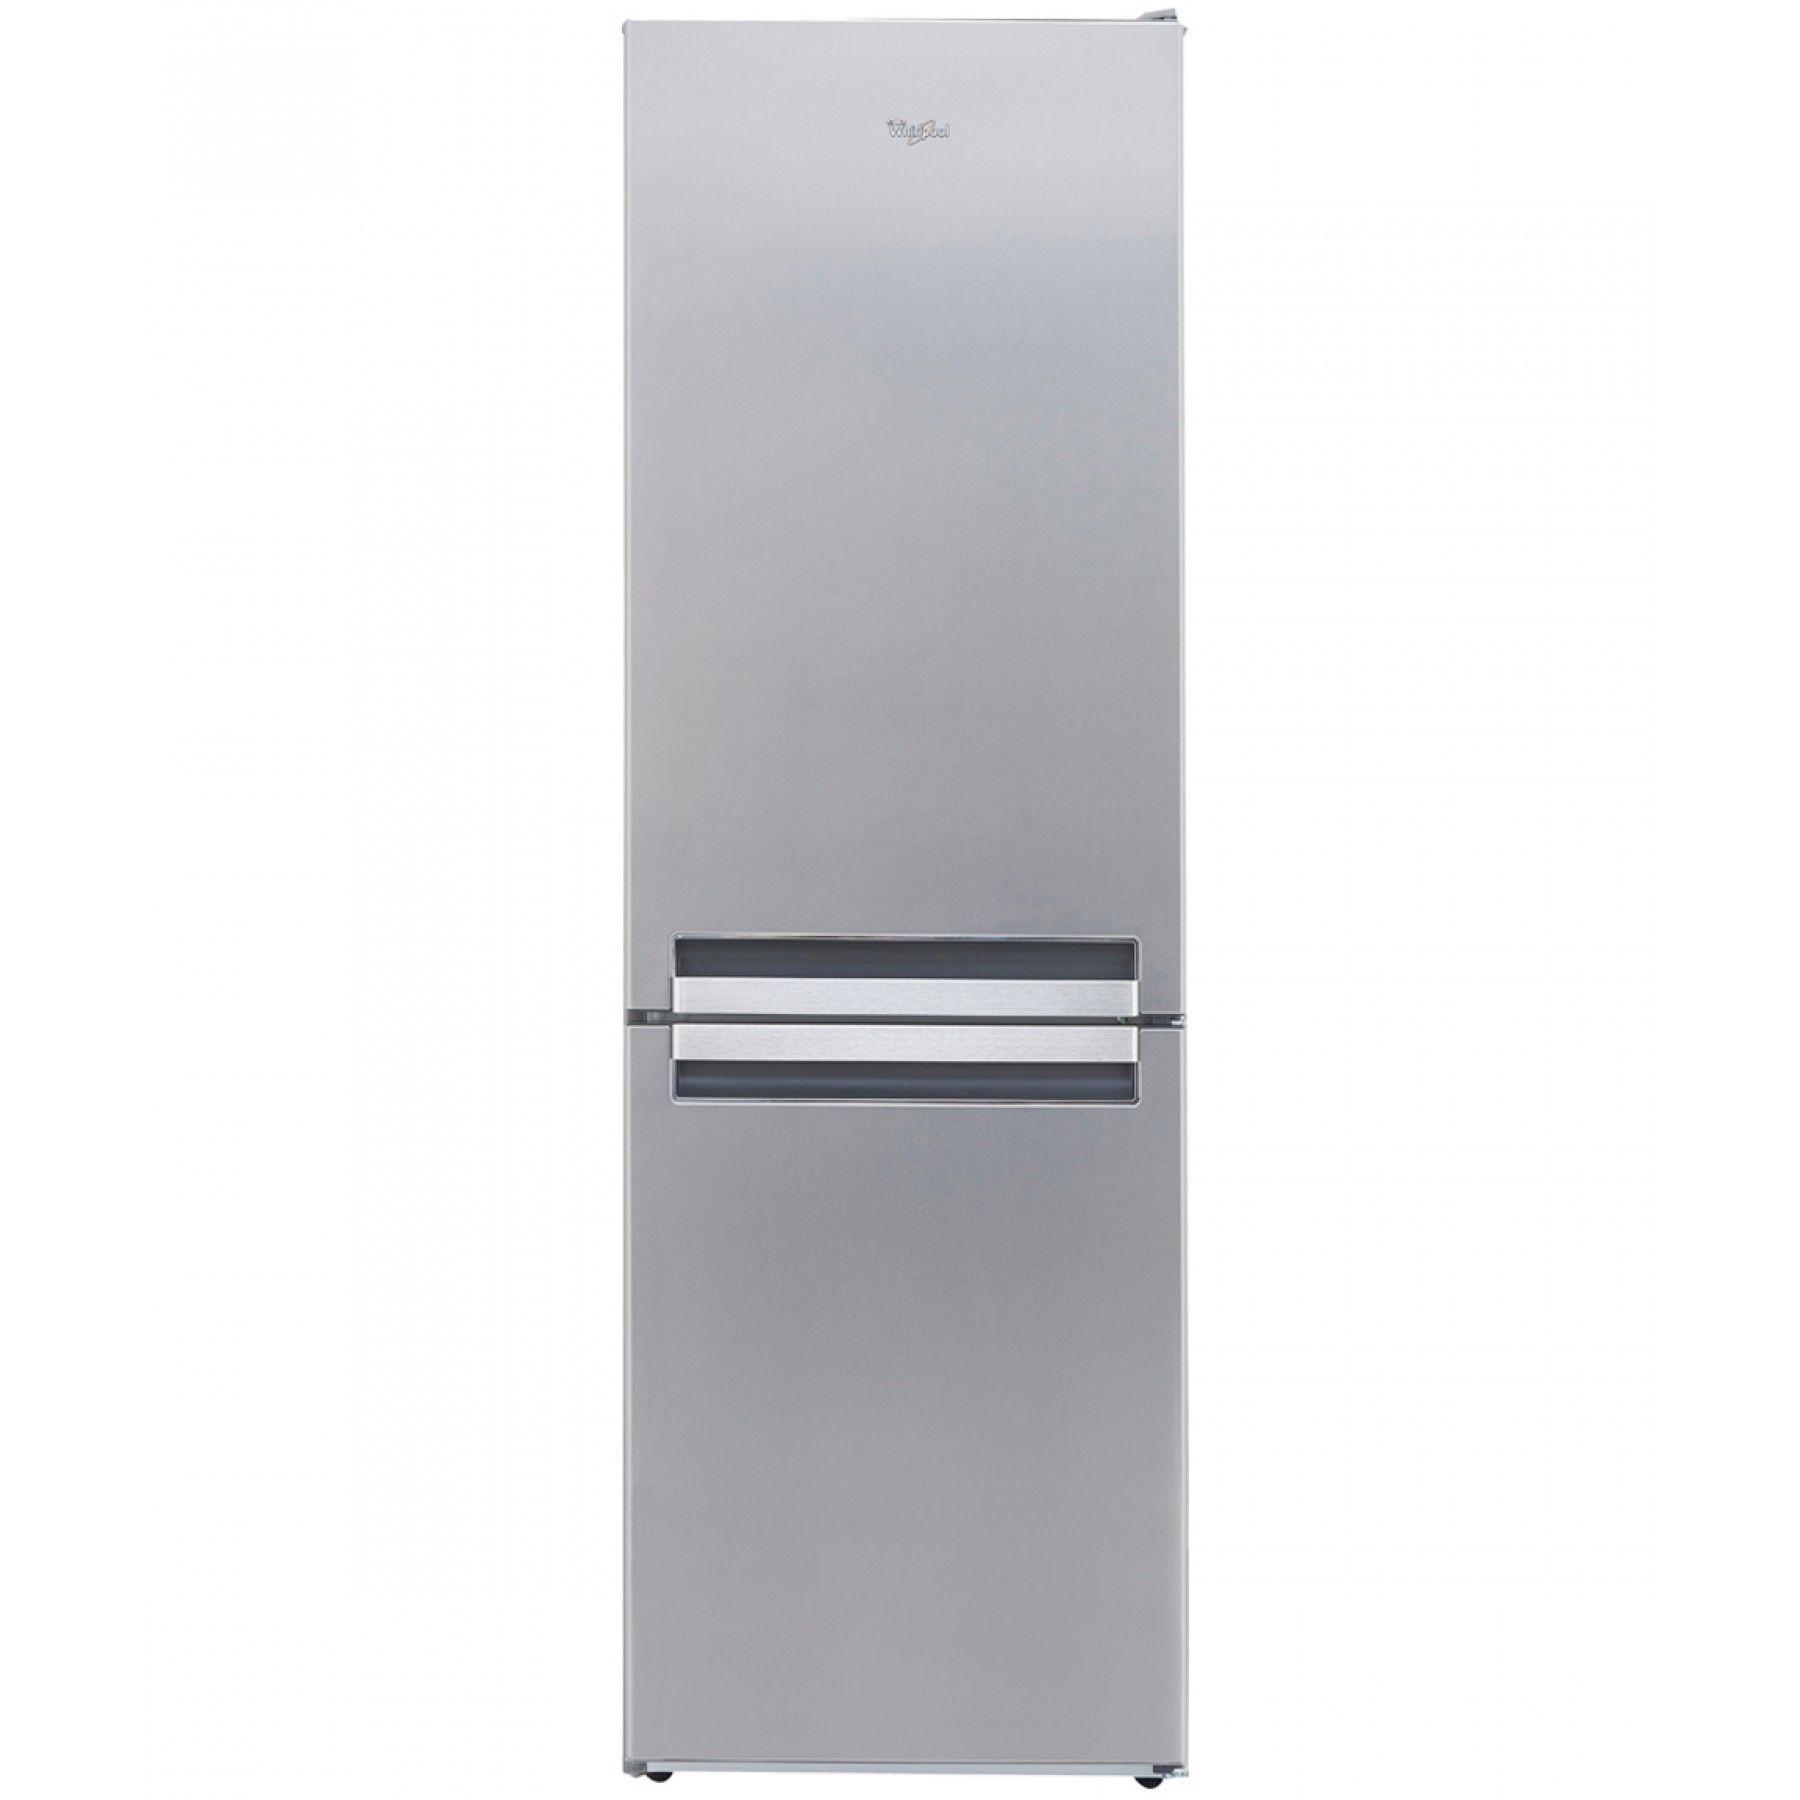 Refrigerador Whirlpool Gris Bottom Mount \